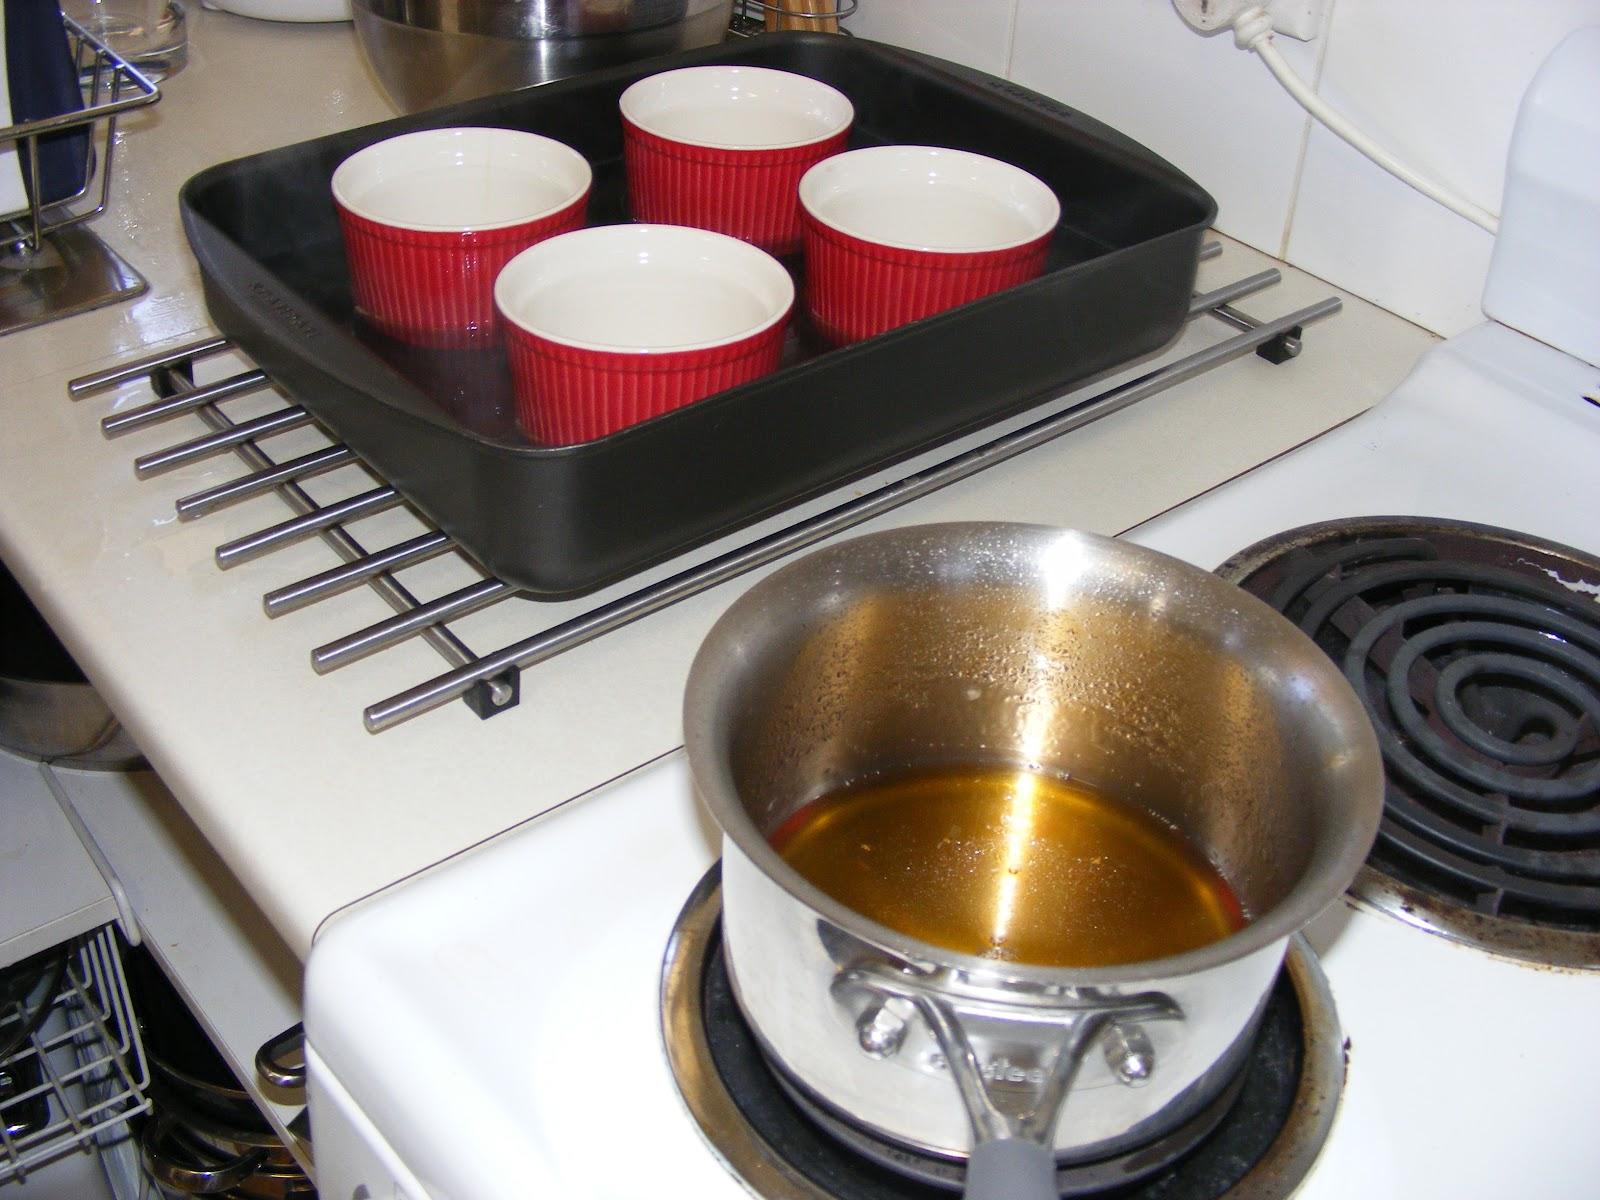 sunbeam em6910 how to make crema